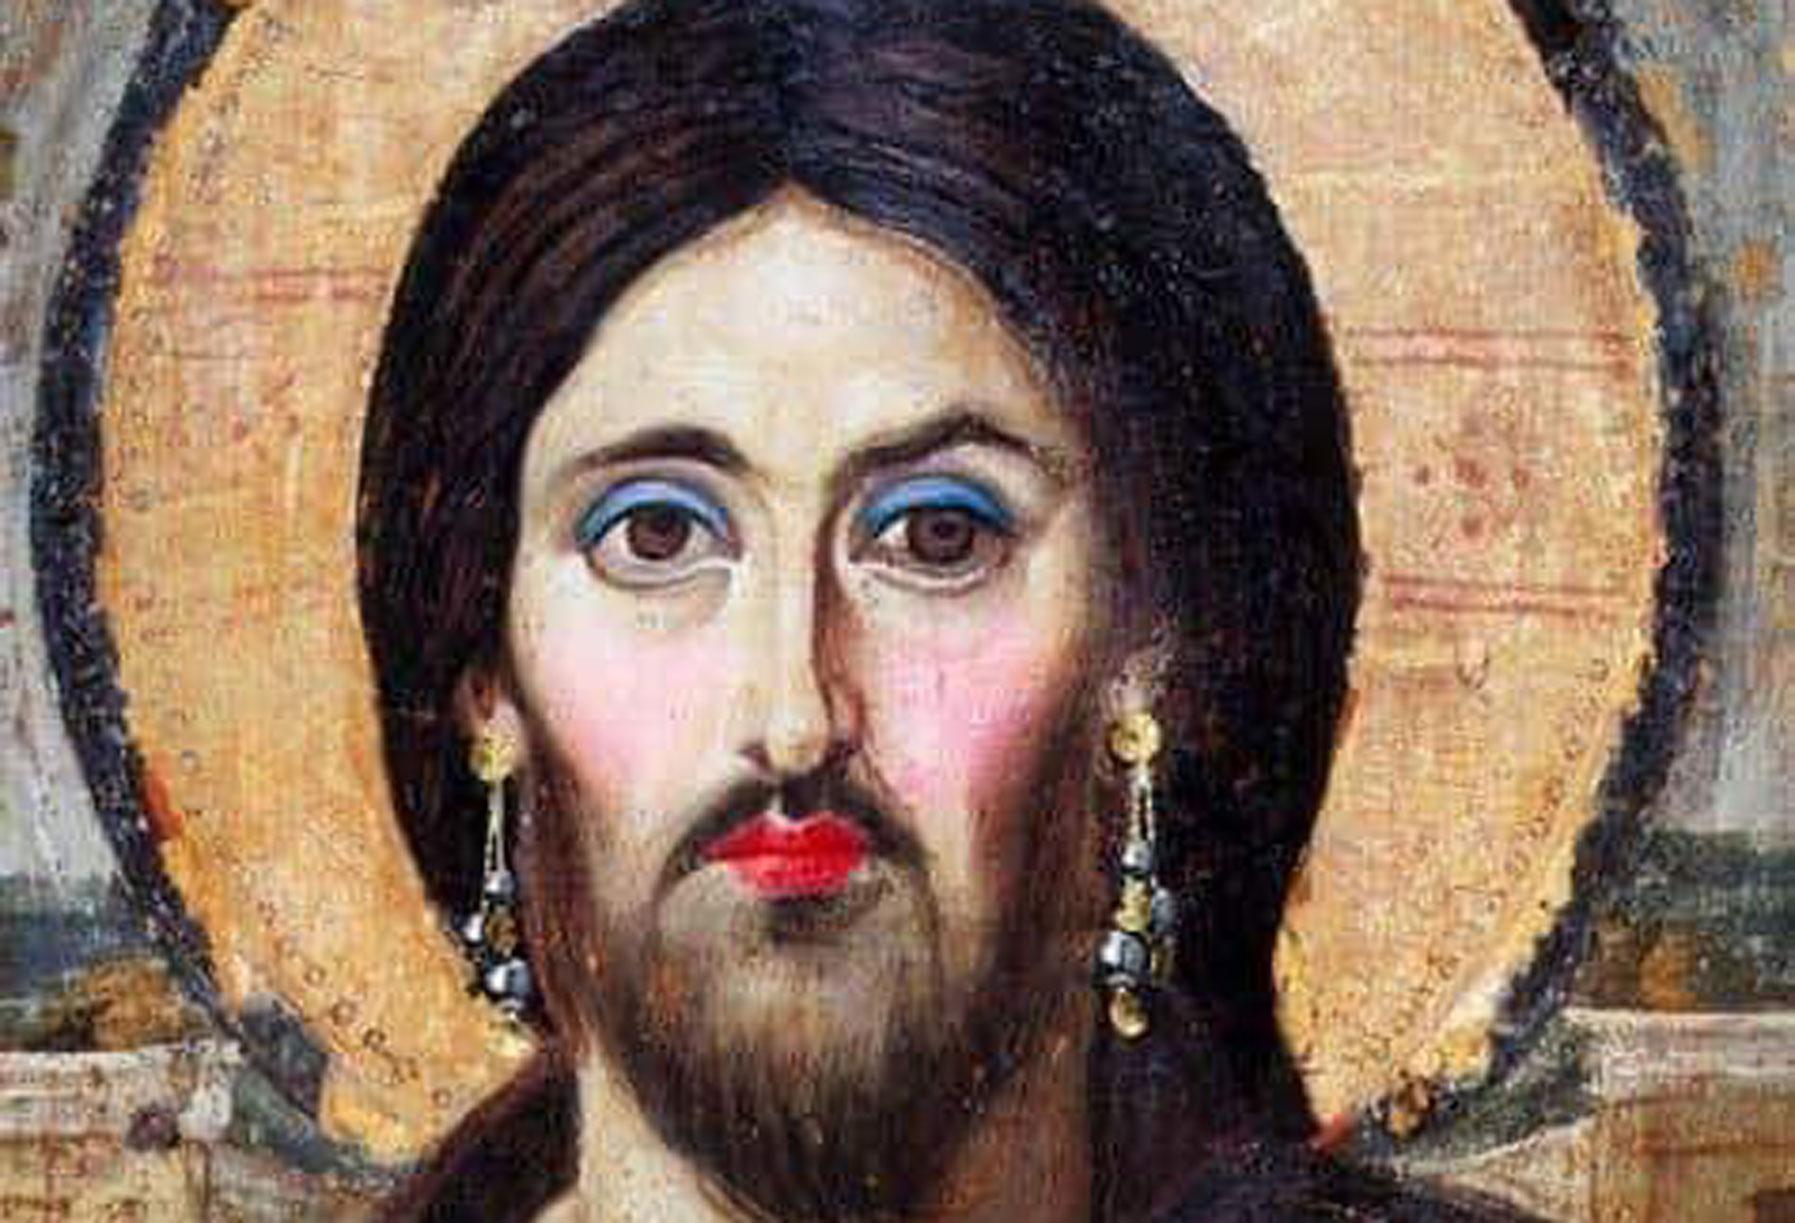 """Ναύπλιο: Χαμός για το πάρτι """"βλασφημίας""""! Η αφίσα που προκάλεσε αντιδράσεις"""